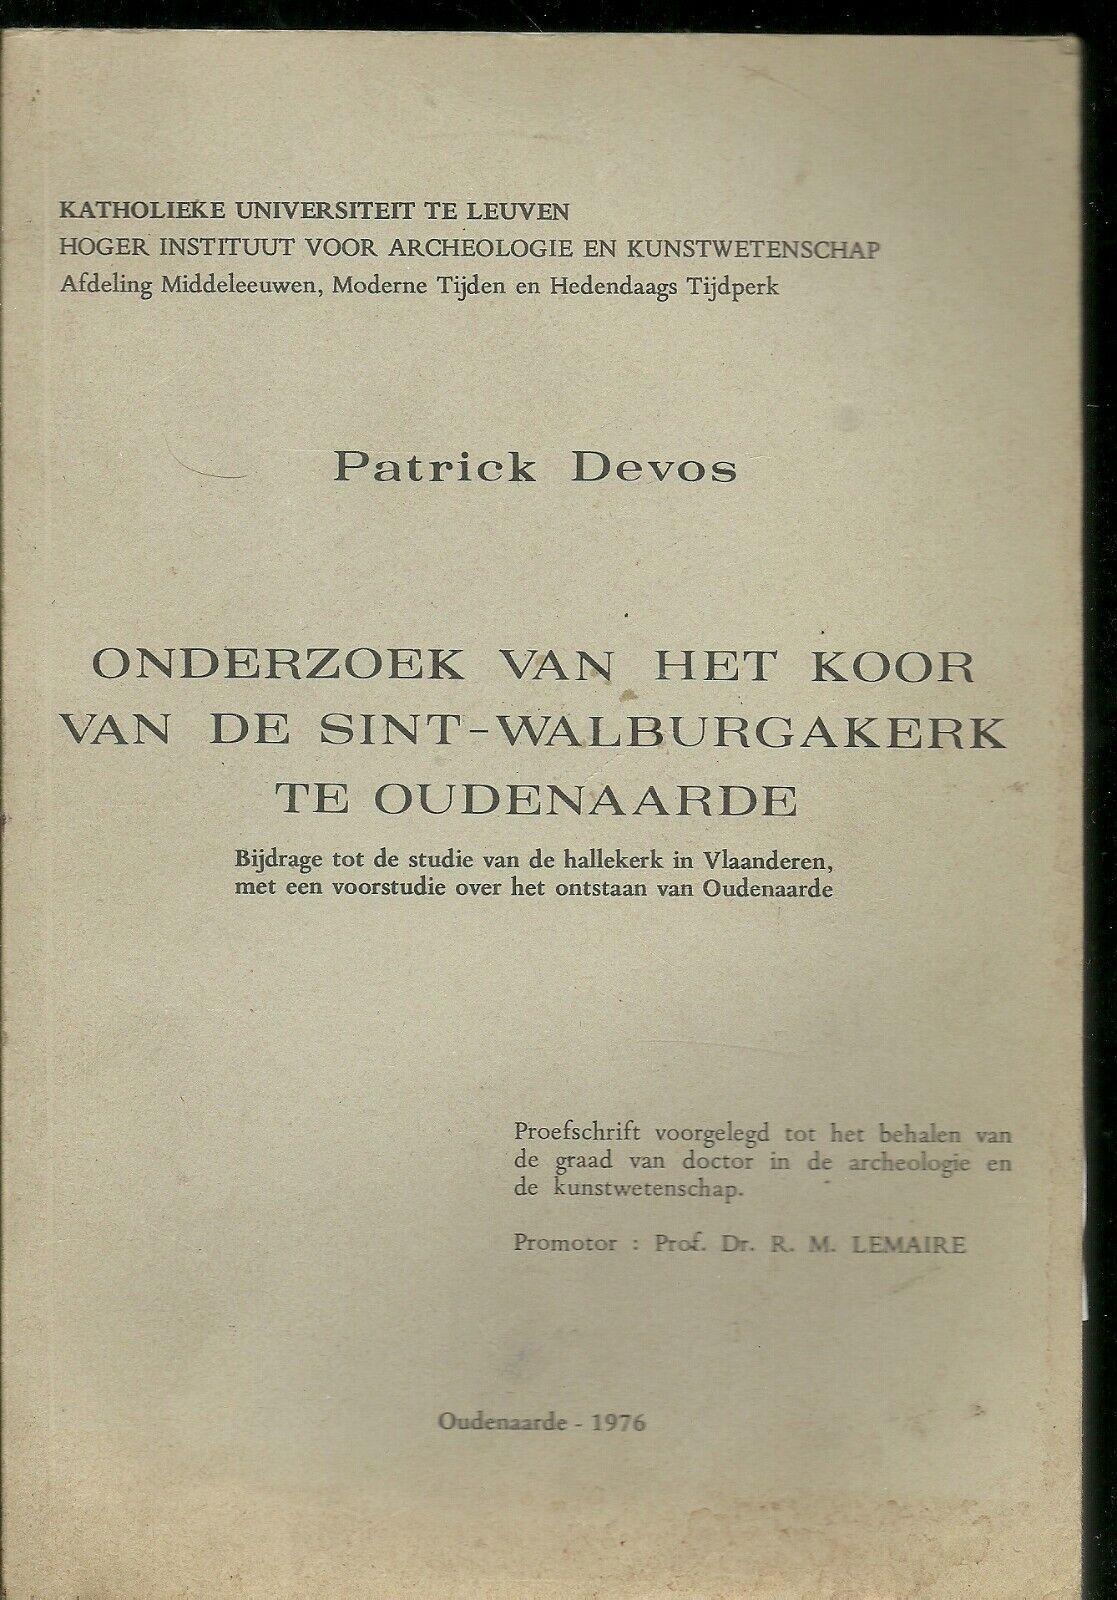 Boek van Patrick De Vos ,,Onderzoek van het koor van de Sint-Walburgakerk te Oud